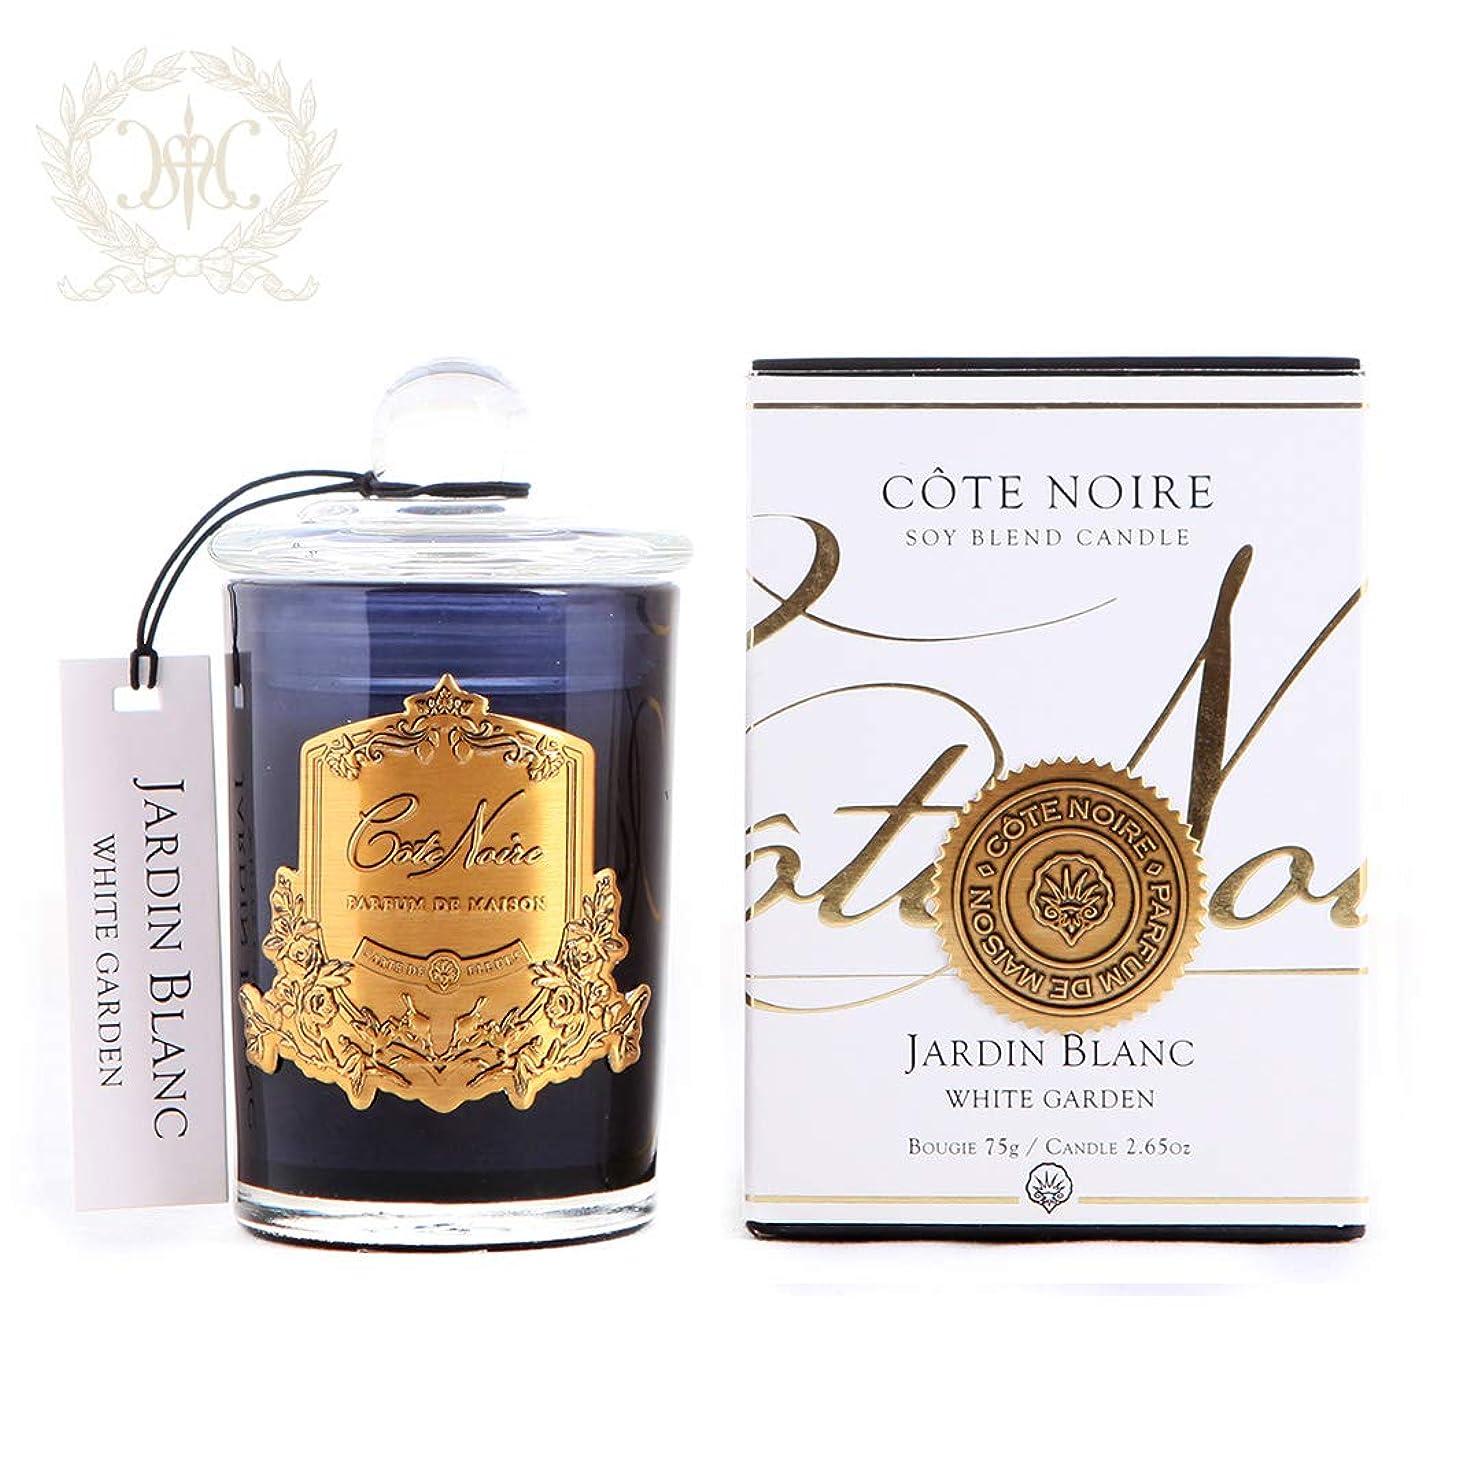 高揚したさておきマーガレットミッチェルソイブレンドアロマキャンドル/ホワイトガーデン Cote Noire/コートノアール(イギリス)